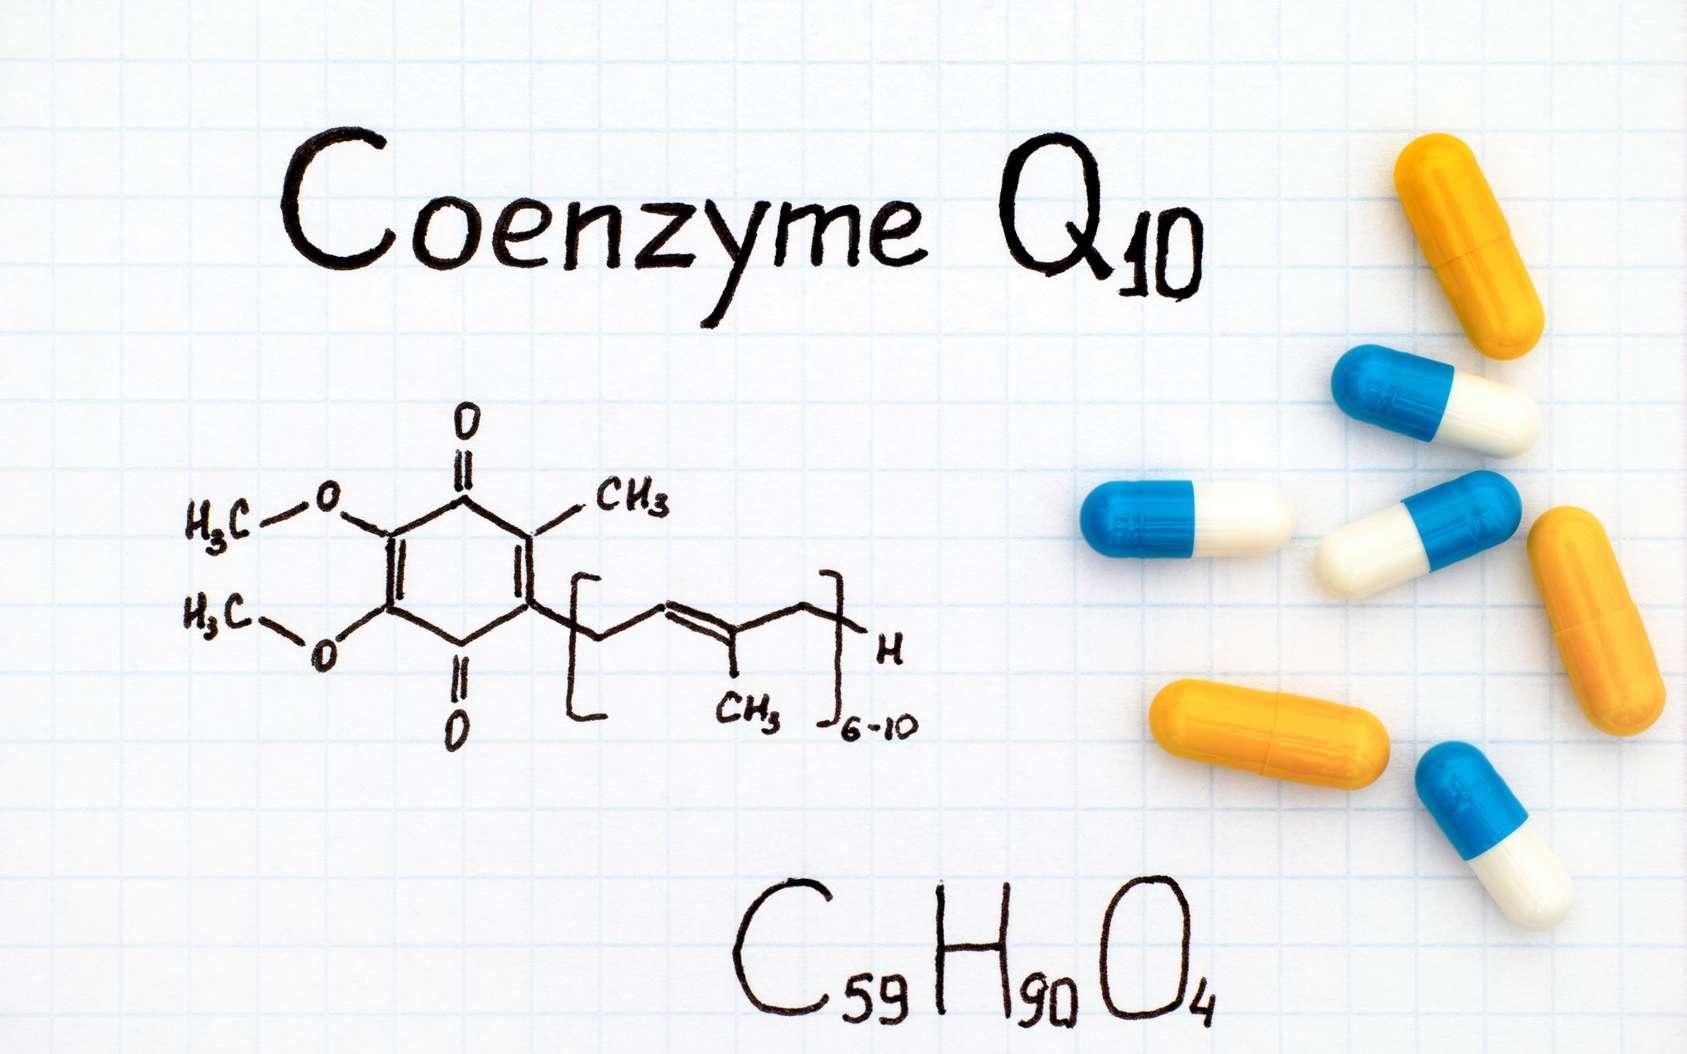 Certains coenzymes, comme le coenzyme Q10, sont vendus comme compléments alimentaires. © rosinka79, Fotolia